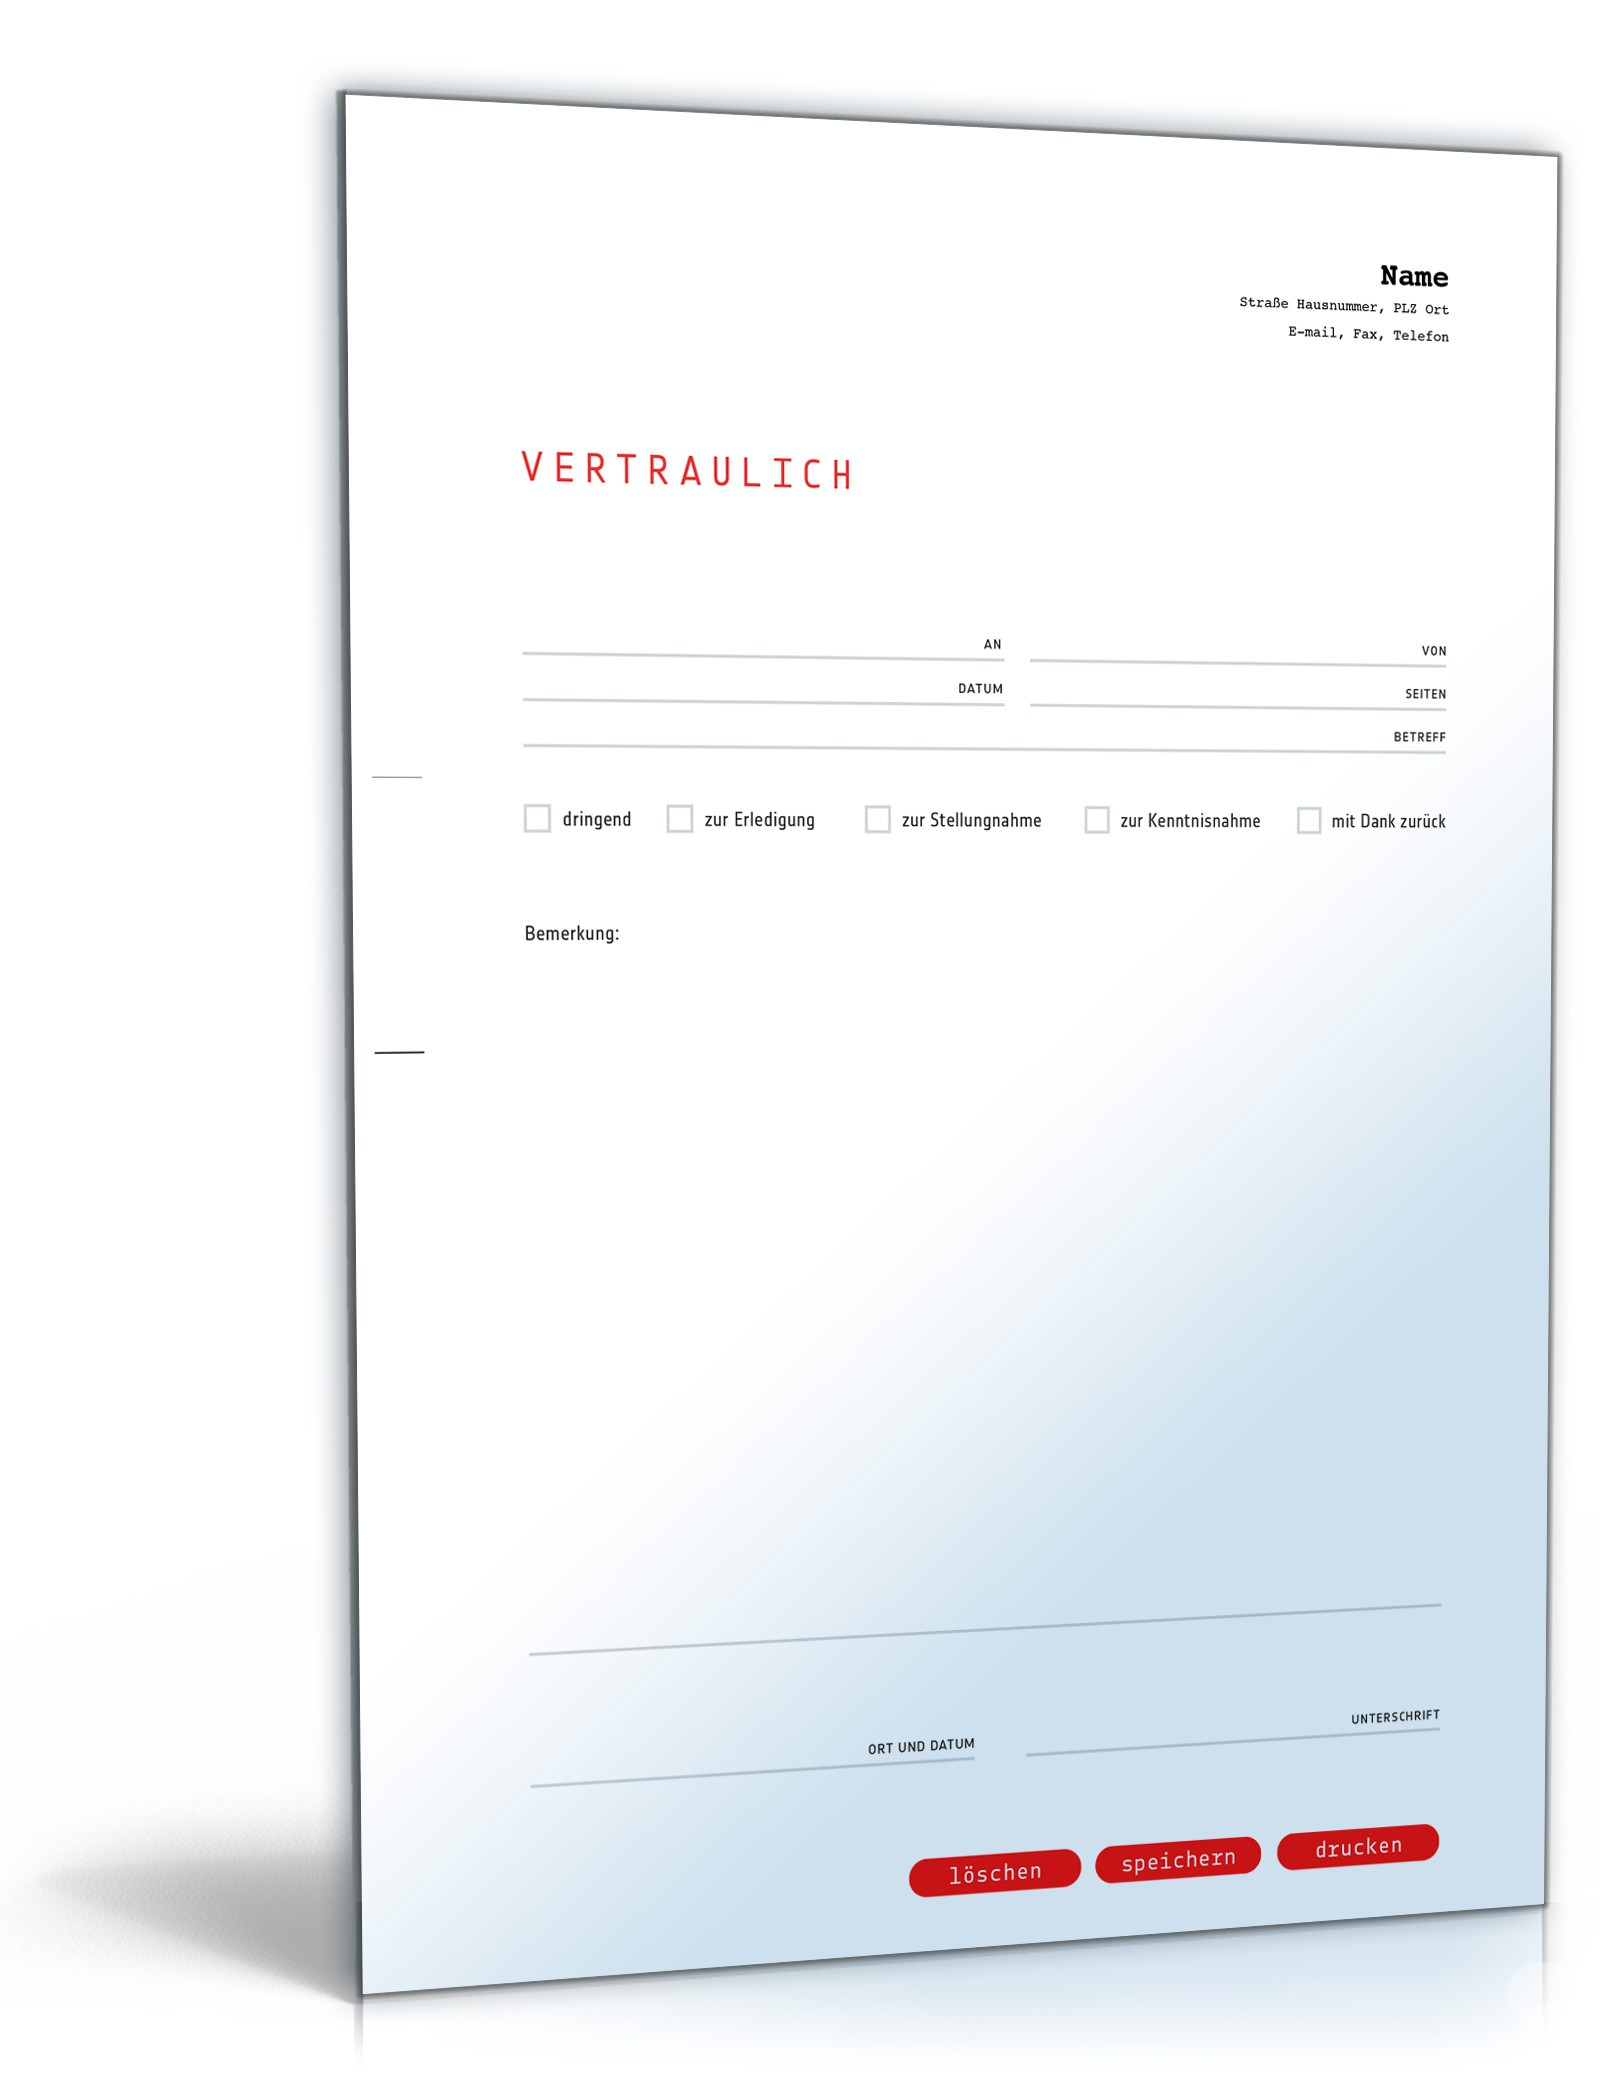 Faxvorlage vertraulich | Muster zum Download